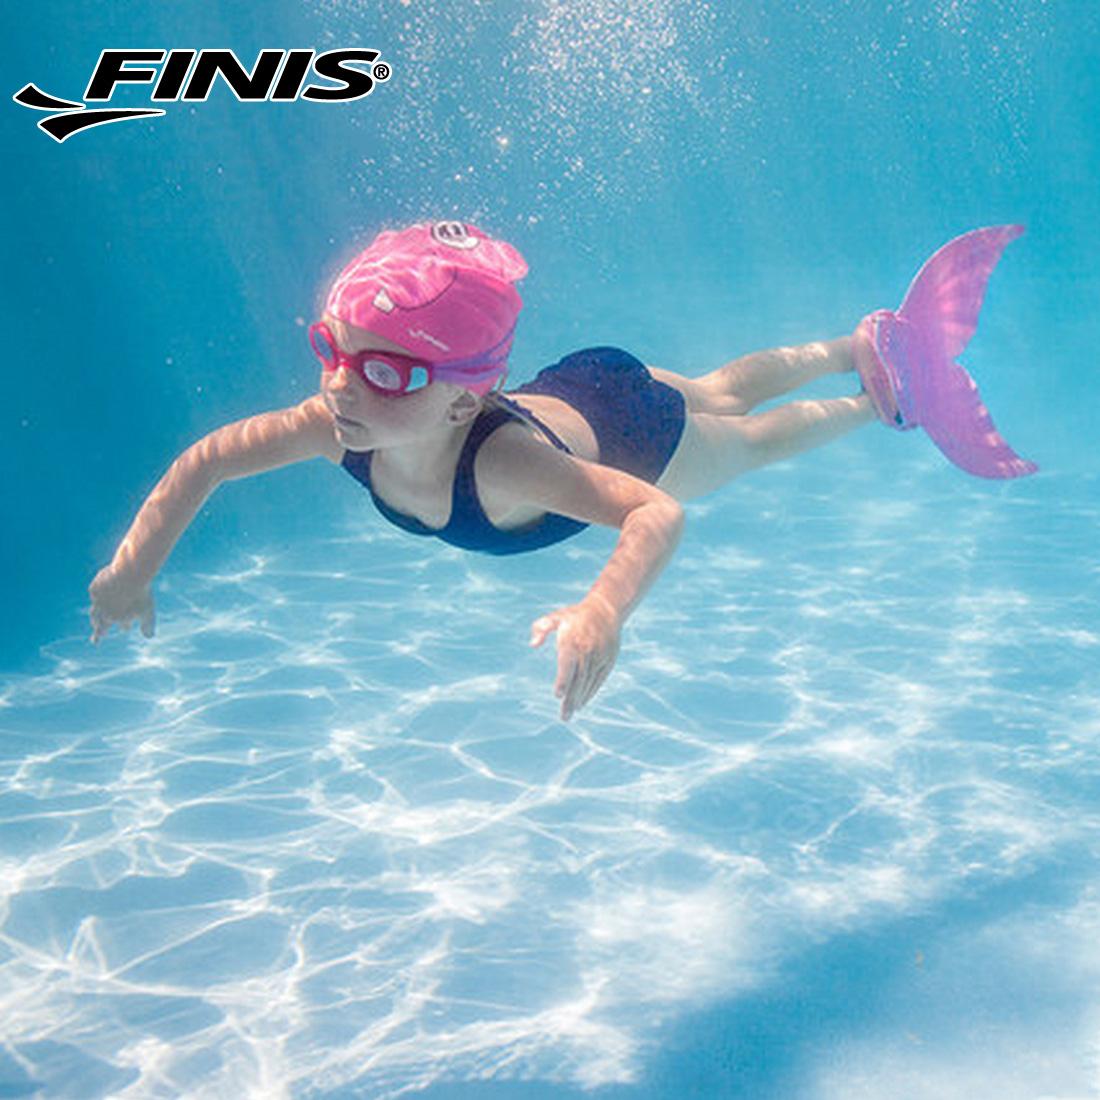 FINIS斐尼斯新款游泳训练单片儿童美人鱼脚蹼可调节网袋包装